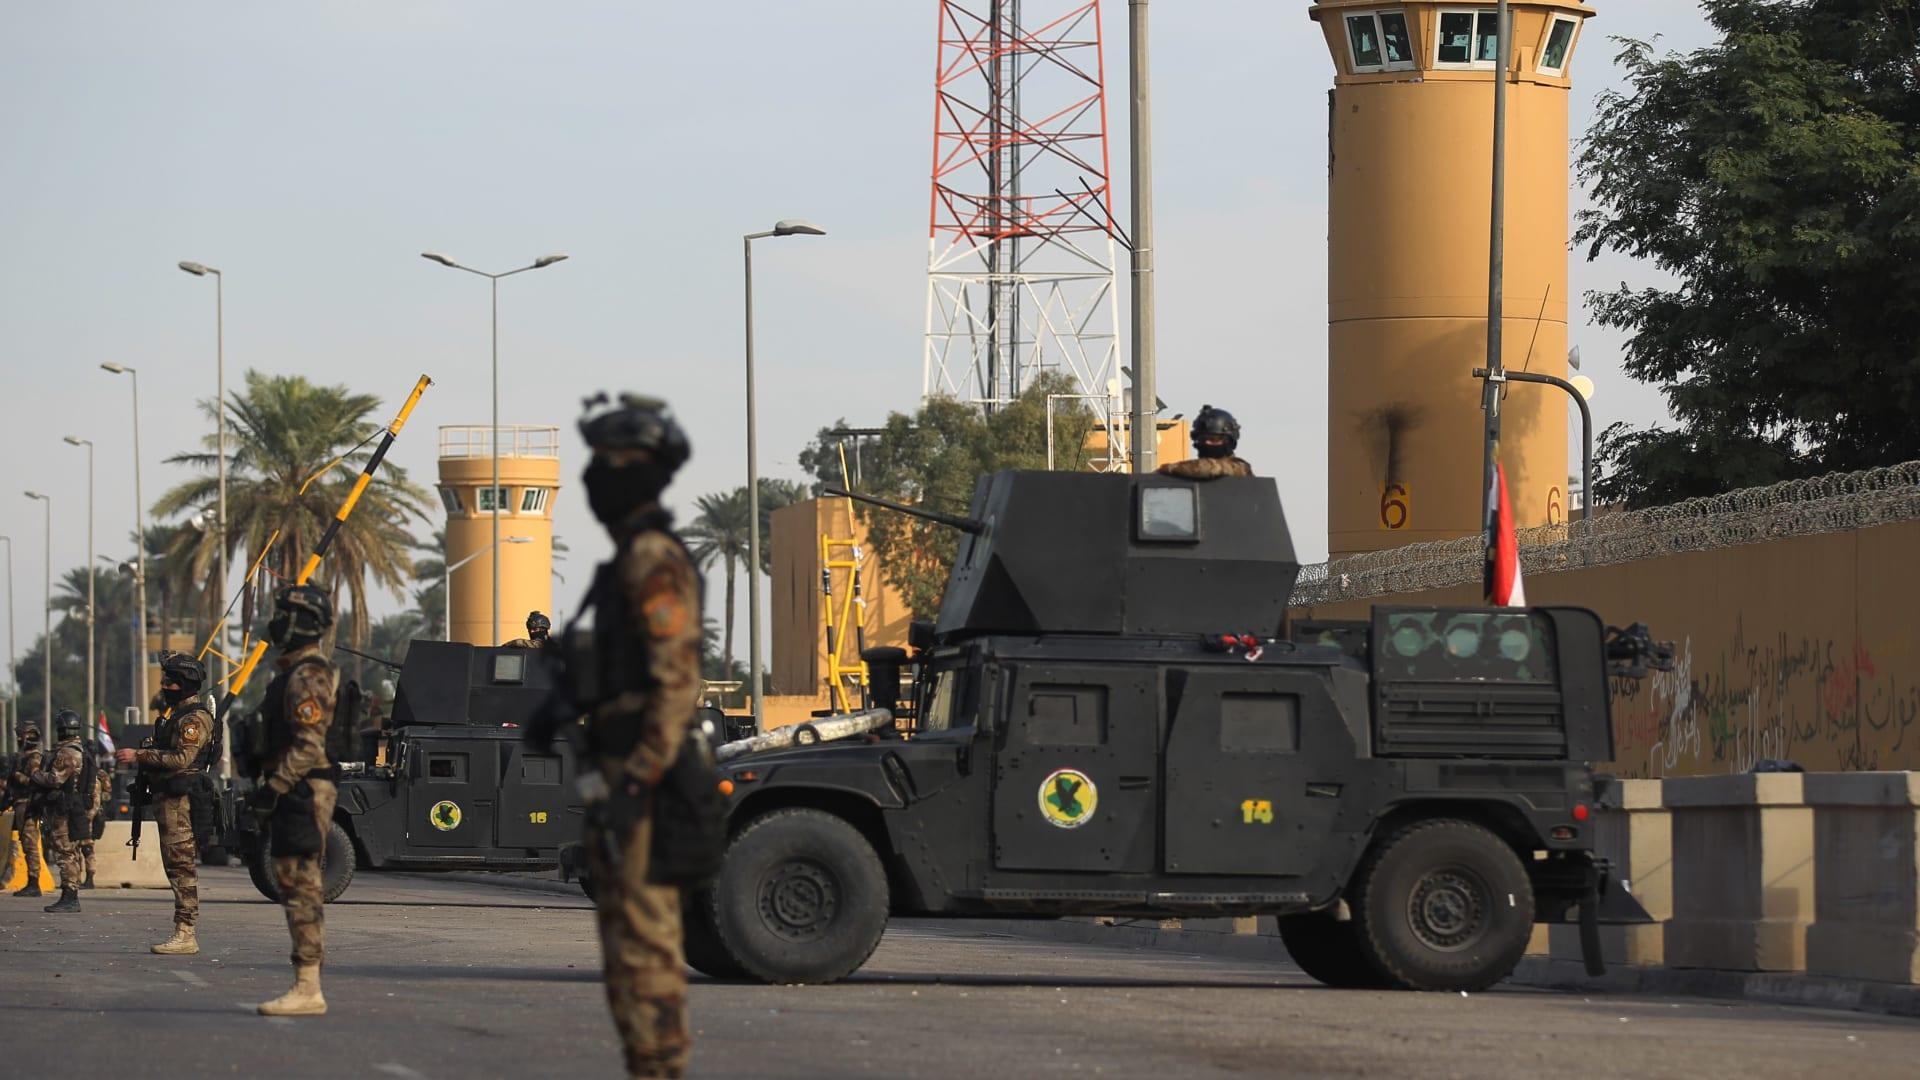 بومبيو: العالم أصبح أكثر أمانًا بعد مقتل سليماني